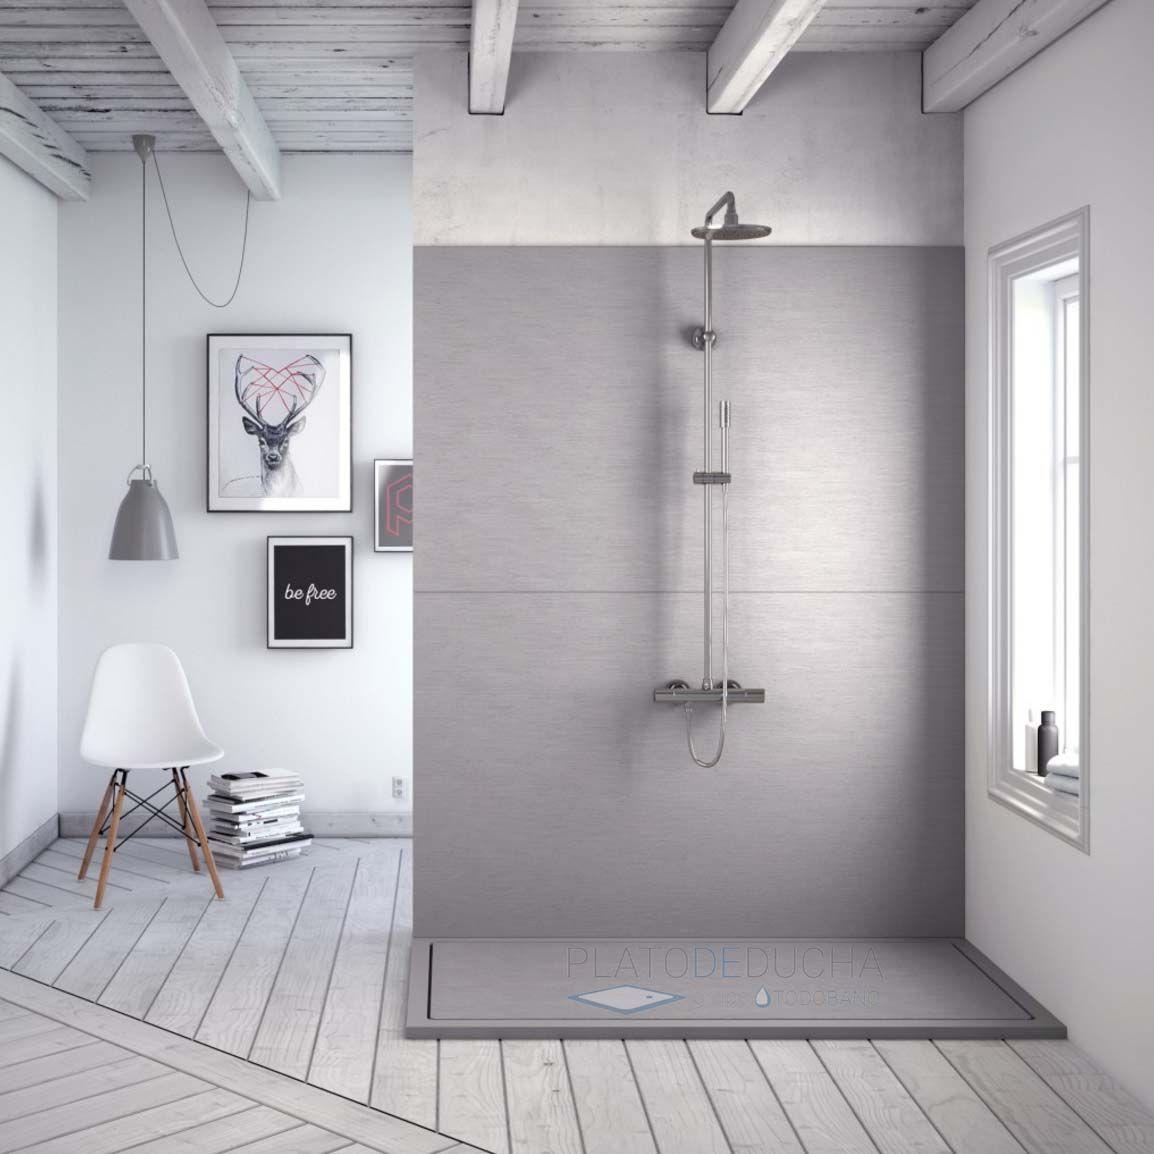 Plato de ducha de resina infinity con un dise o - Disenos de duchas ...